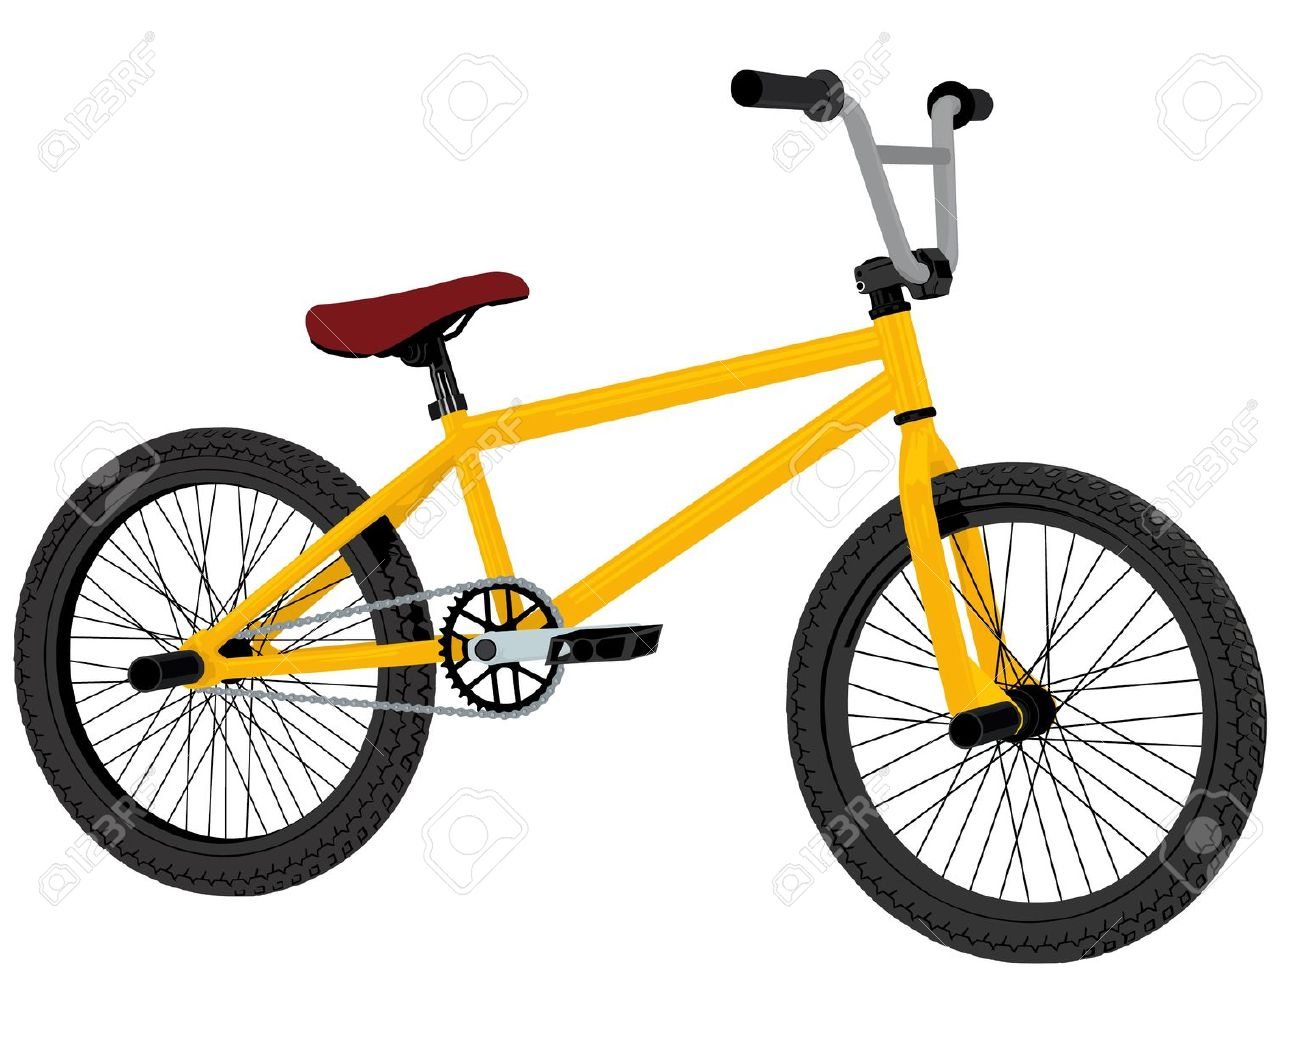 1300x1039 Bmx Clipart Bmx Bike